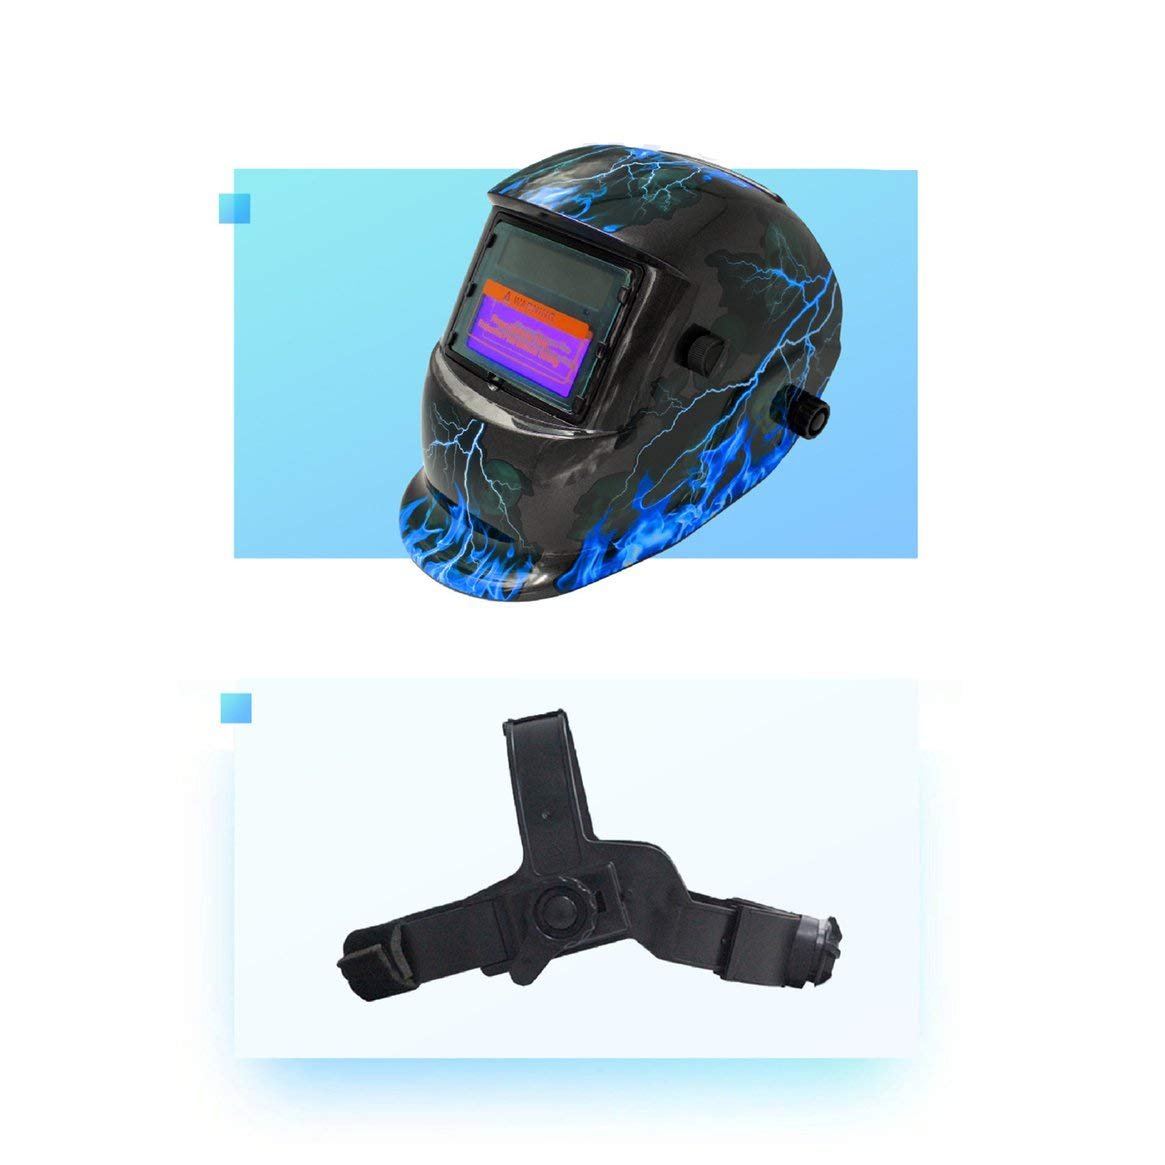 Soudure Photo/électrique Variable Automatique Masque Soudage Masque de Soudeur Grand Champ de Vision Foudre Soudage /Écran de Protection Protection du Travail